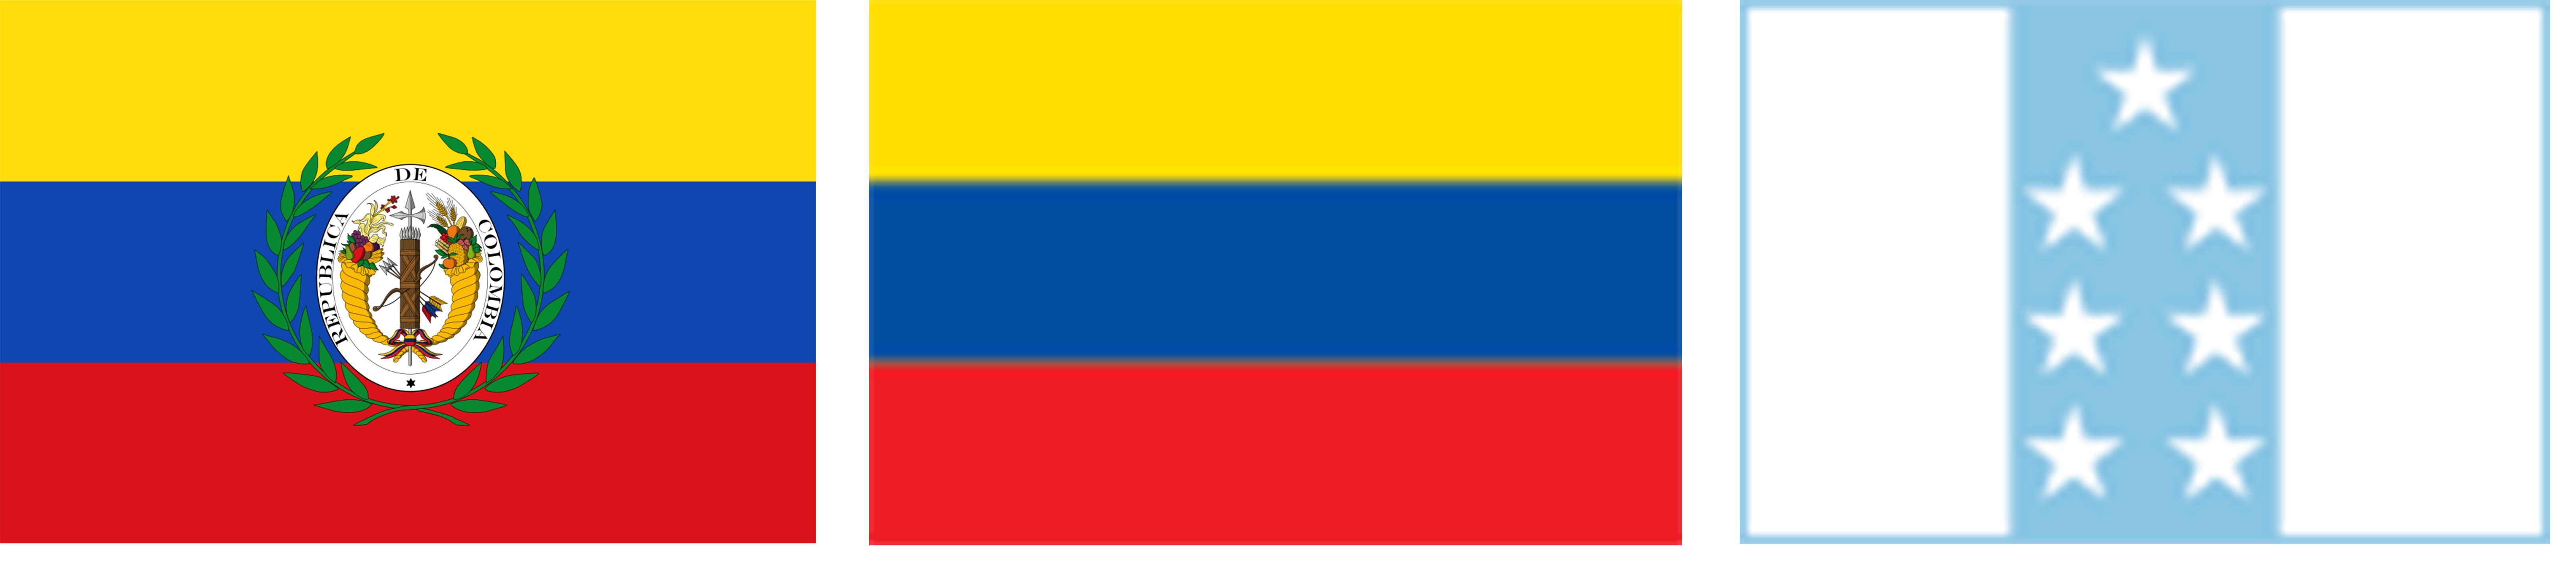 ecuador tweede vlaggen